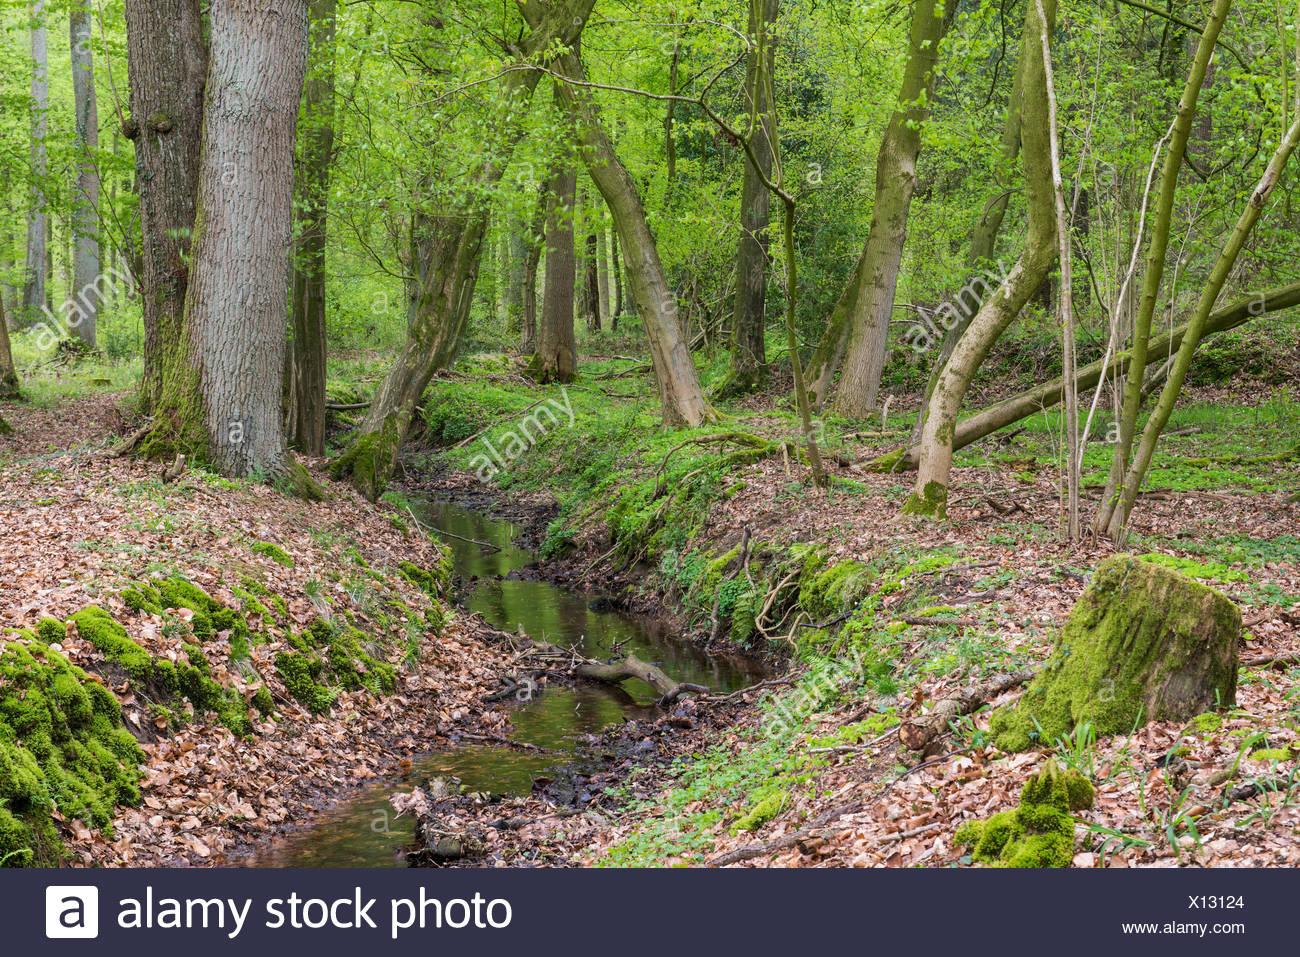 Laubwald, Herrenholz, Niedersachsen, Deutschland - Stock Image